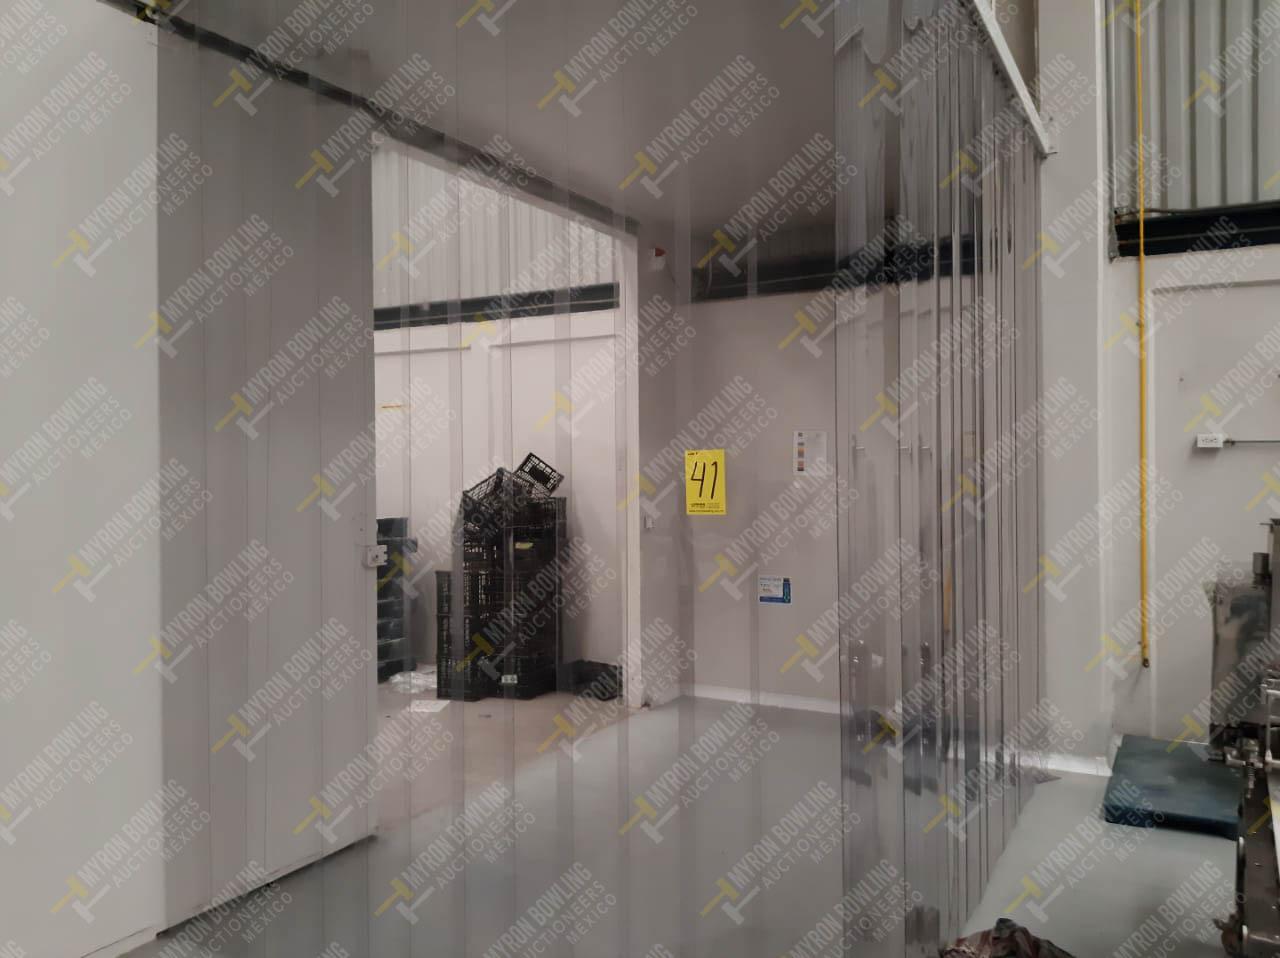 Cámara de refrigeración marca Krack, Modelo CSD-0301-L4K-133DD medidas 6.80 x 13.30 x 5.80 - Image 8 of 15